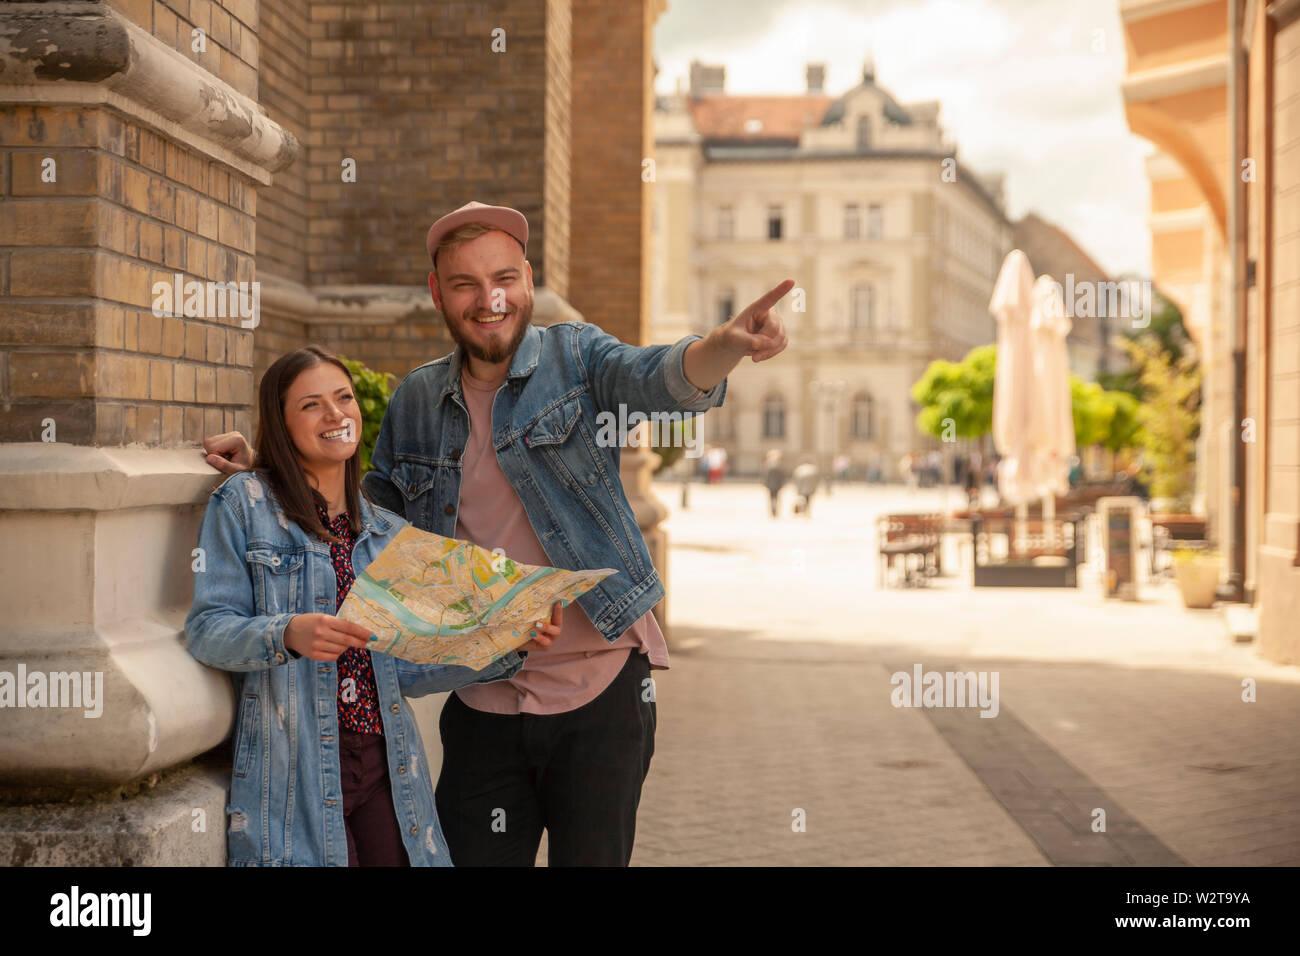 Deux amis, ou en couple, à la recherche d'un plan de la ville tandis que l'homme est un doigt pointé. Location Novi Sad, Serbie. Banque D'Images